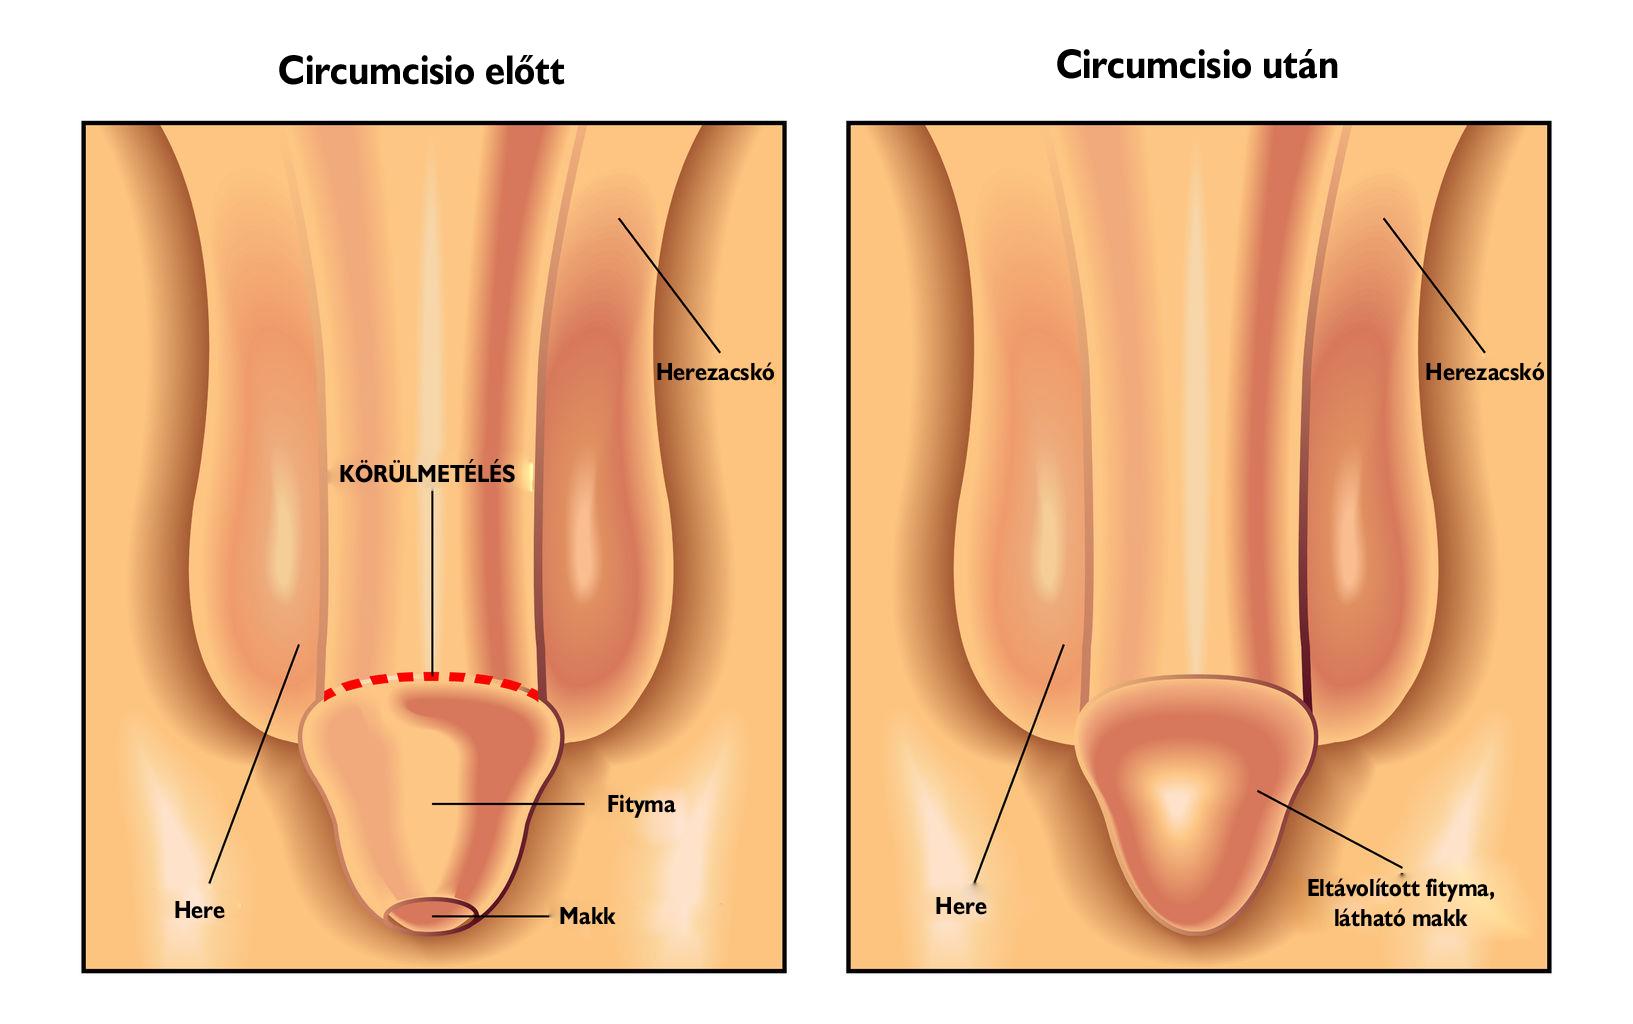 herezacskó nélküli pénisz